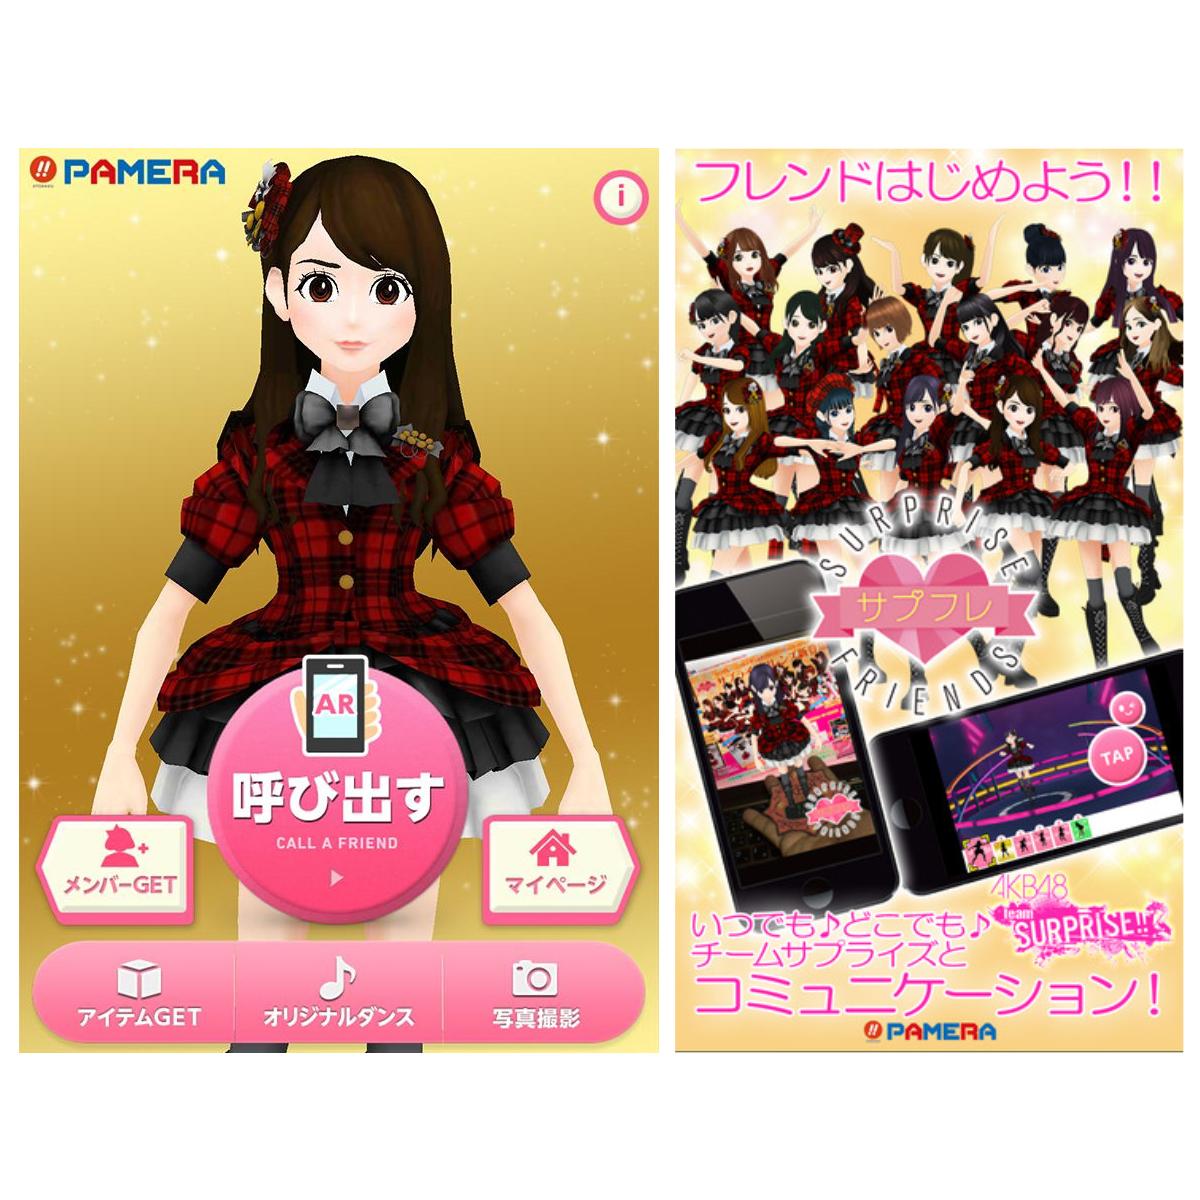 3DARゲームアプリ